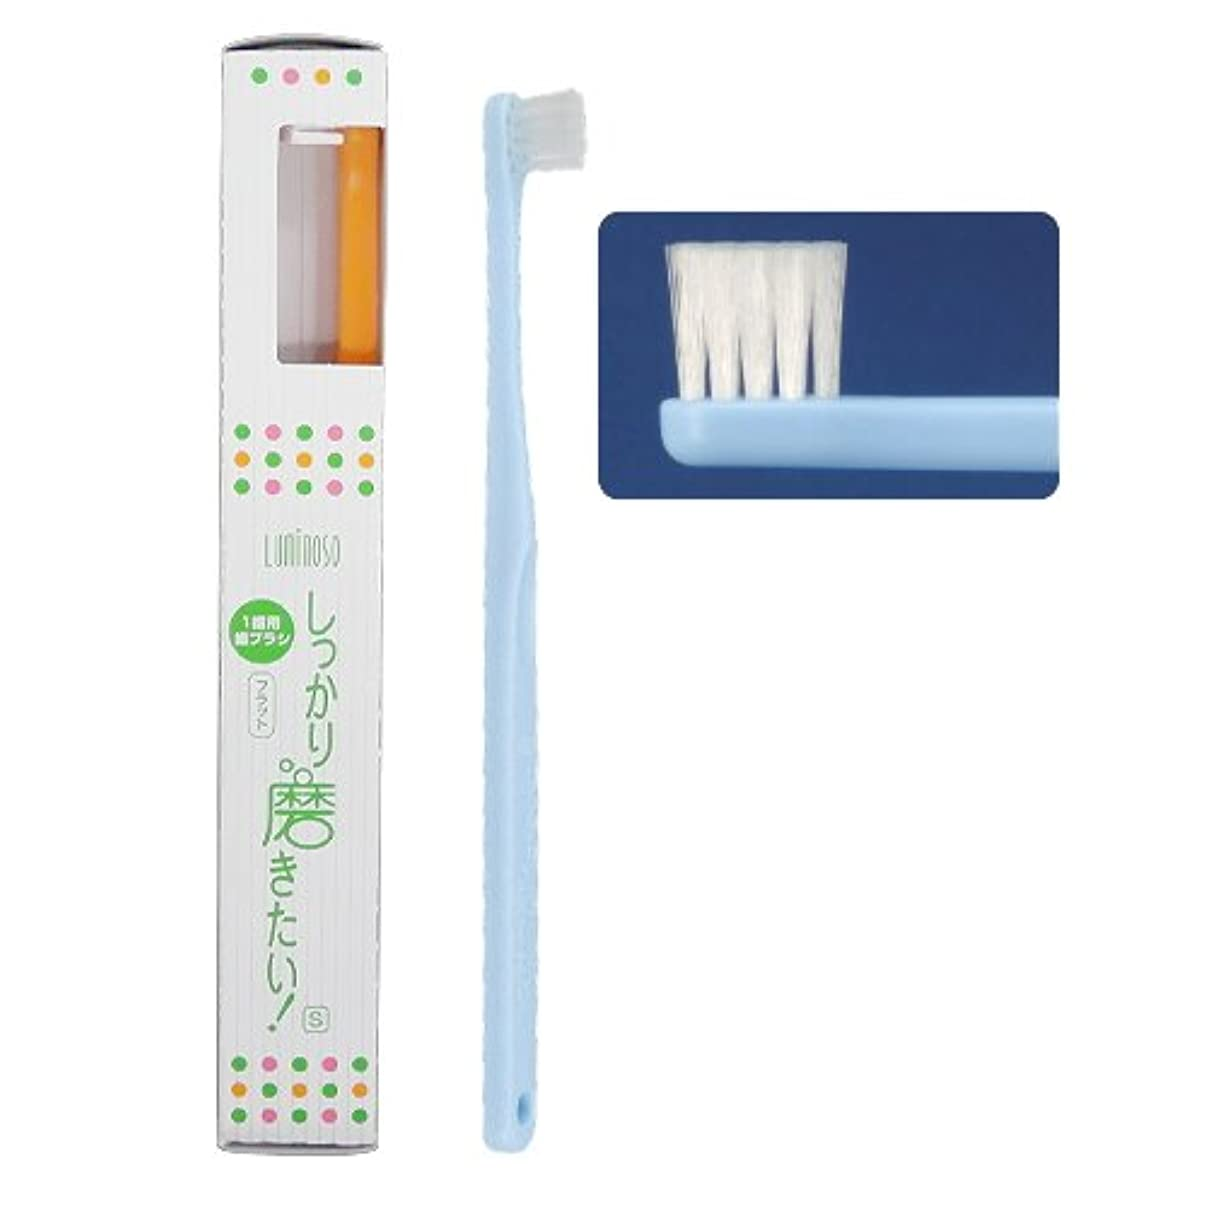 おもちゃ喜ぶ内訳ルミノソ 1歯用歯ブラシ 「しっかり磨きたい!」 フラット/ソフト